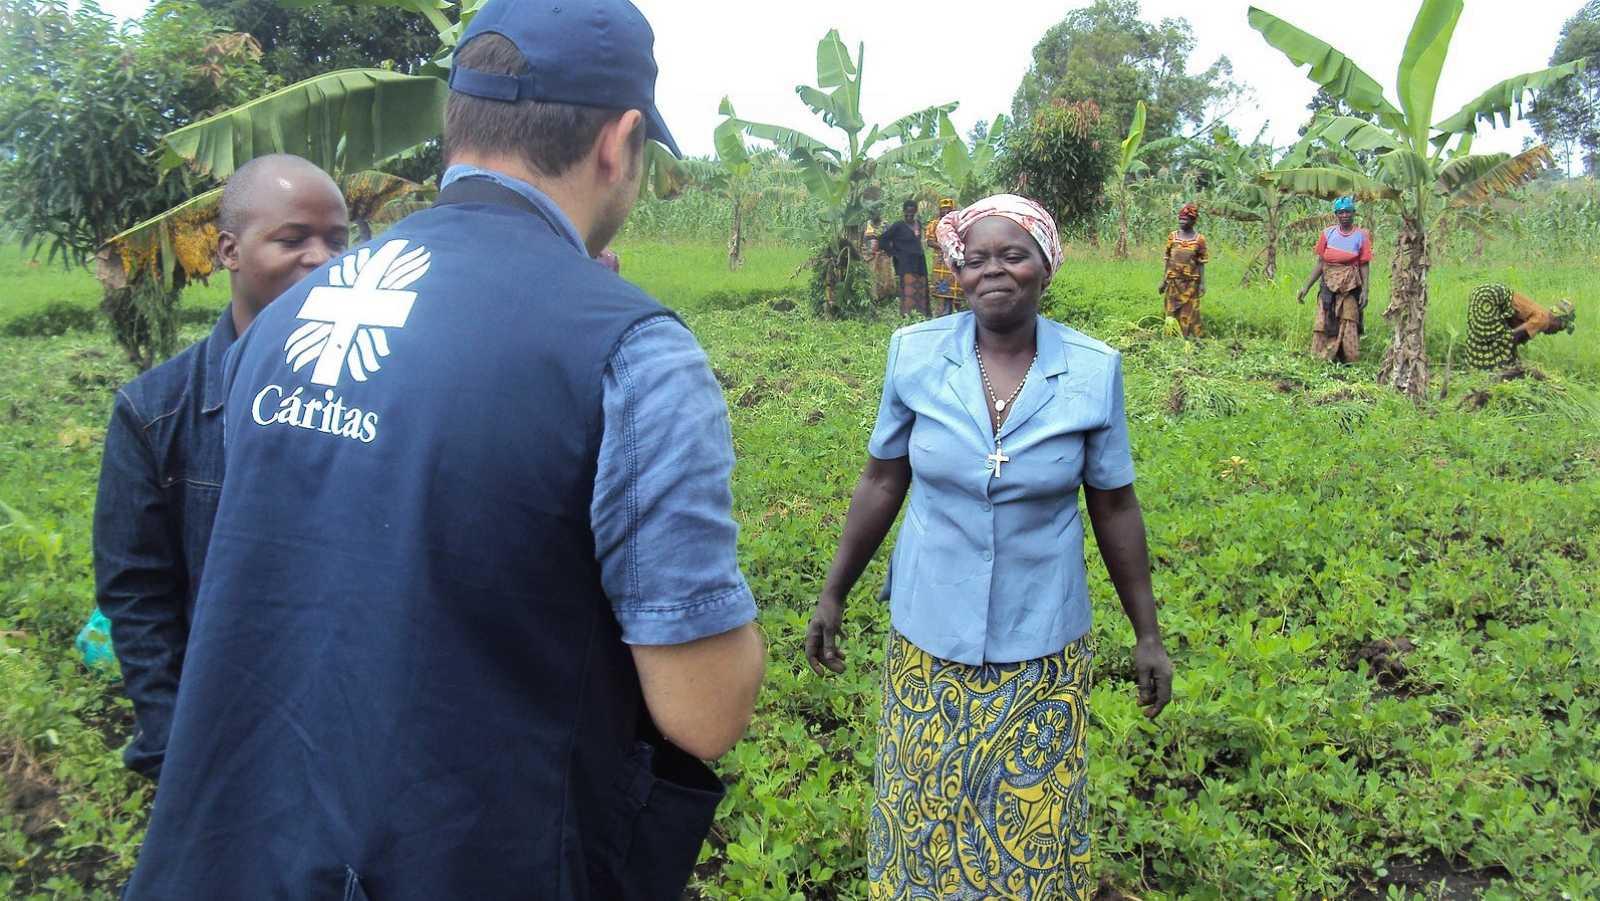 África hoy - Colaboración UE-África, un paso hacia la justicia social - 26/04/21 - escuchar ahora